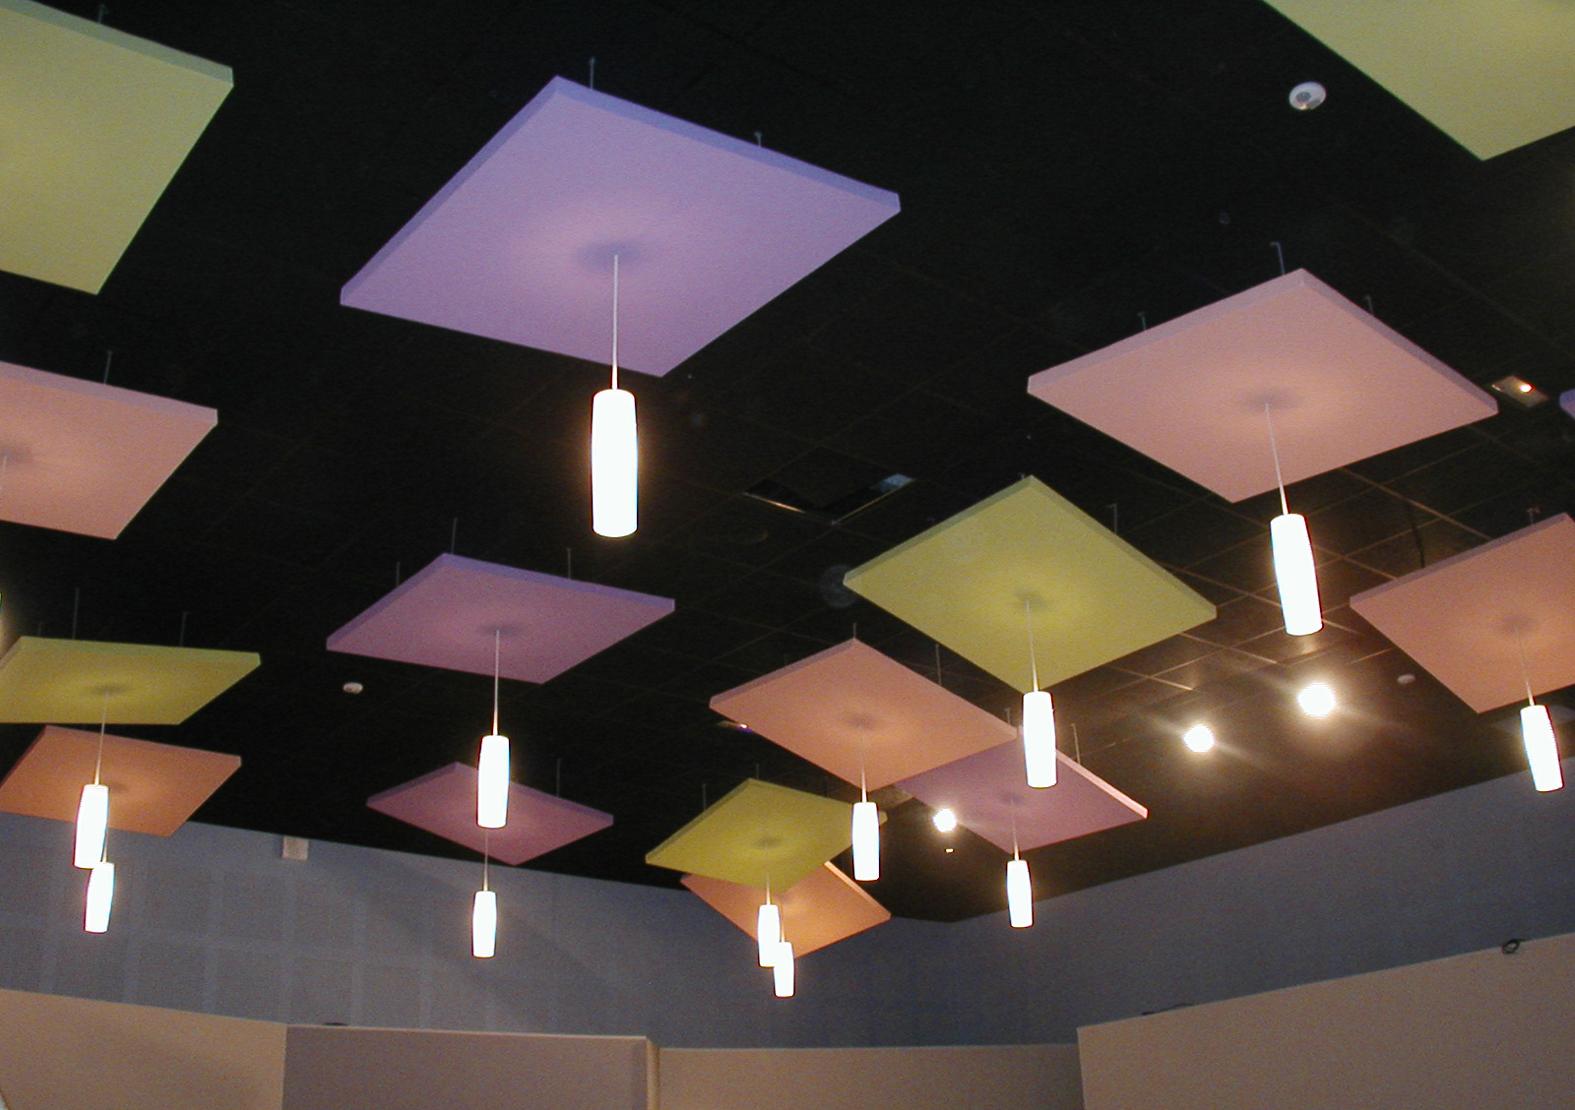 Médiathèque Gradignan-Gamme luminaire-arch François Guibert